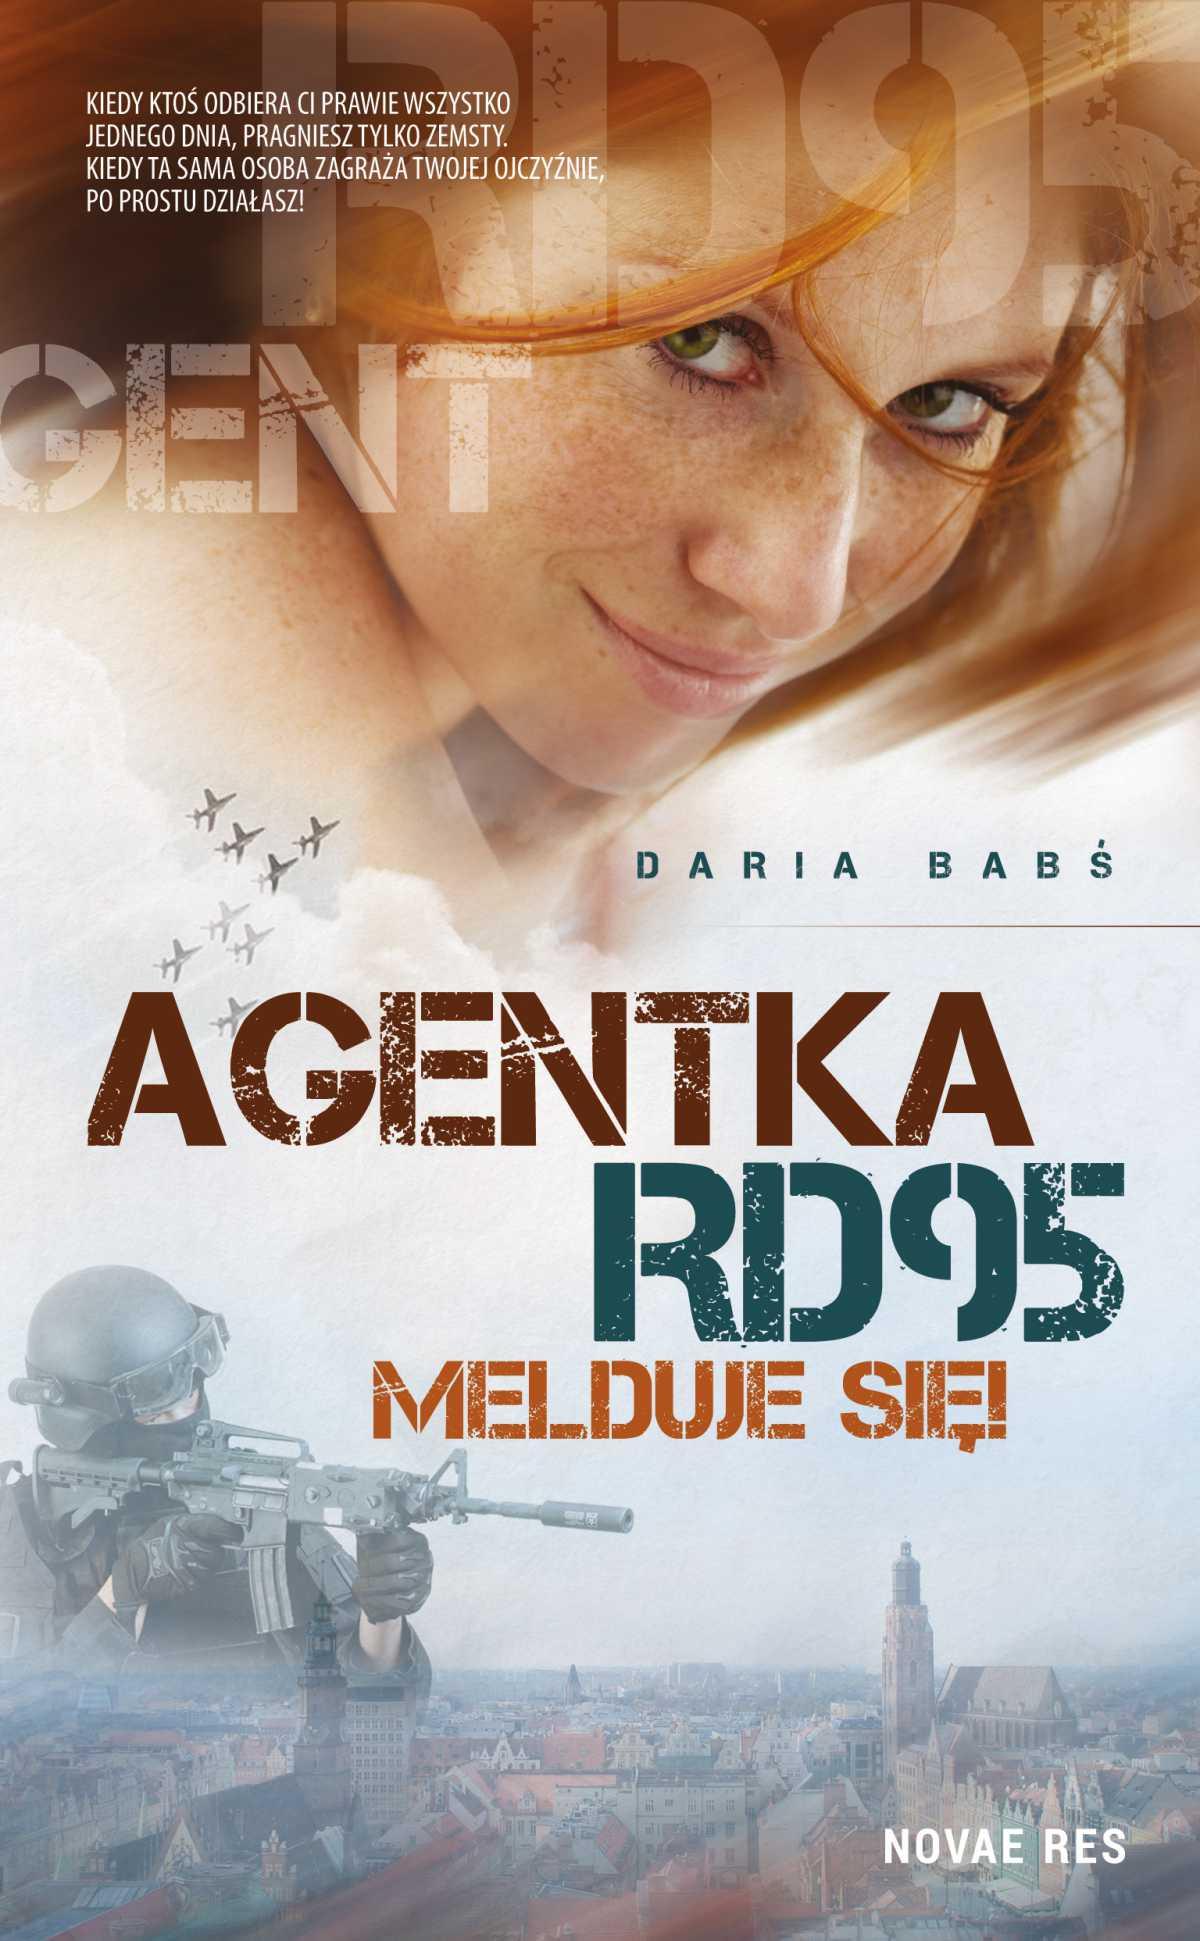 Agentka RD95 melduje się! - Ebook (Książka EPUB) do pobrania w formacie EPUB